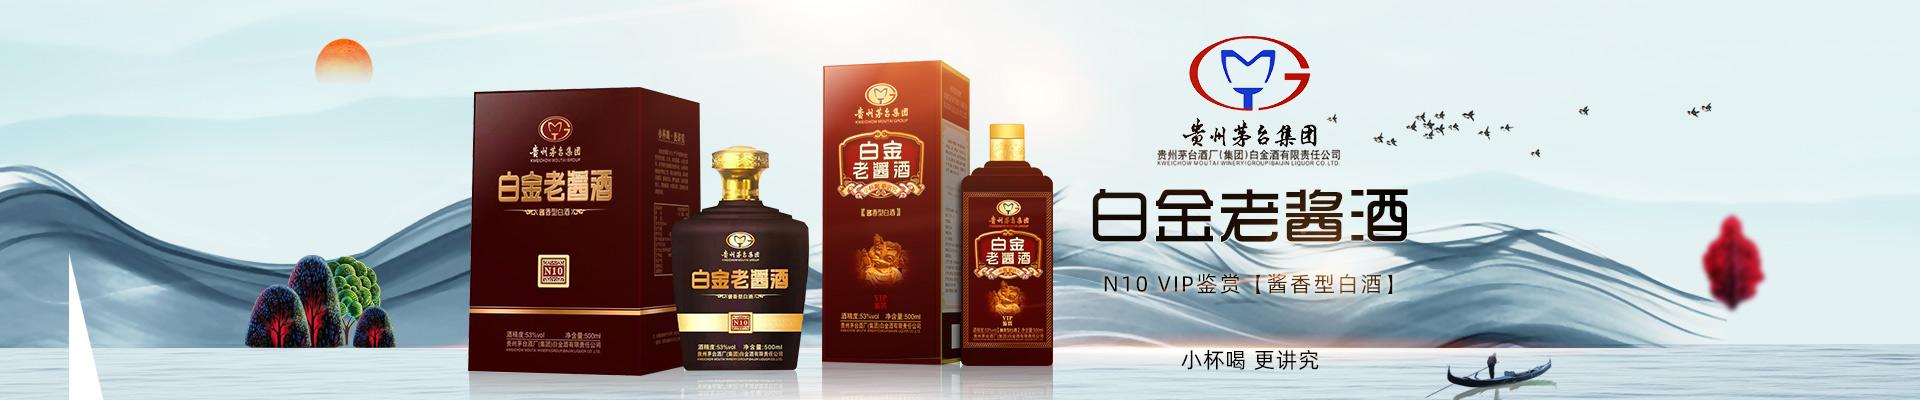 贵州茅台酒厂(集团)白金酒公司白金老酱酒全国运营中心